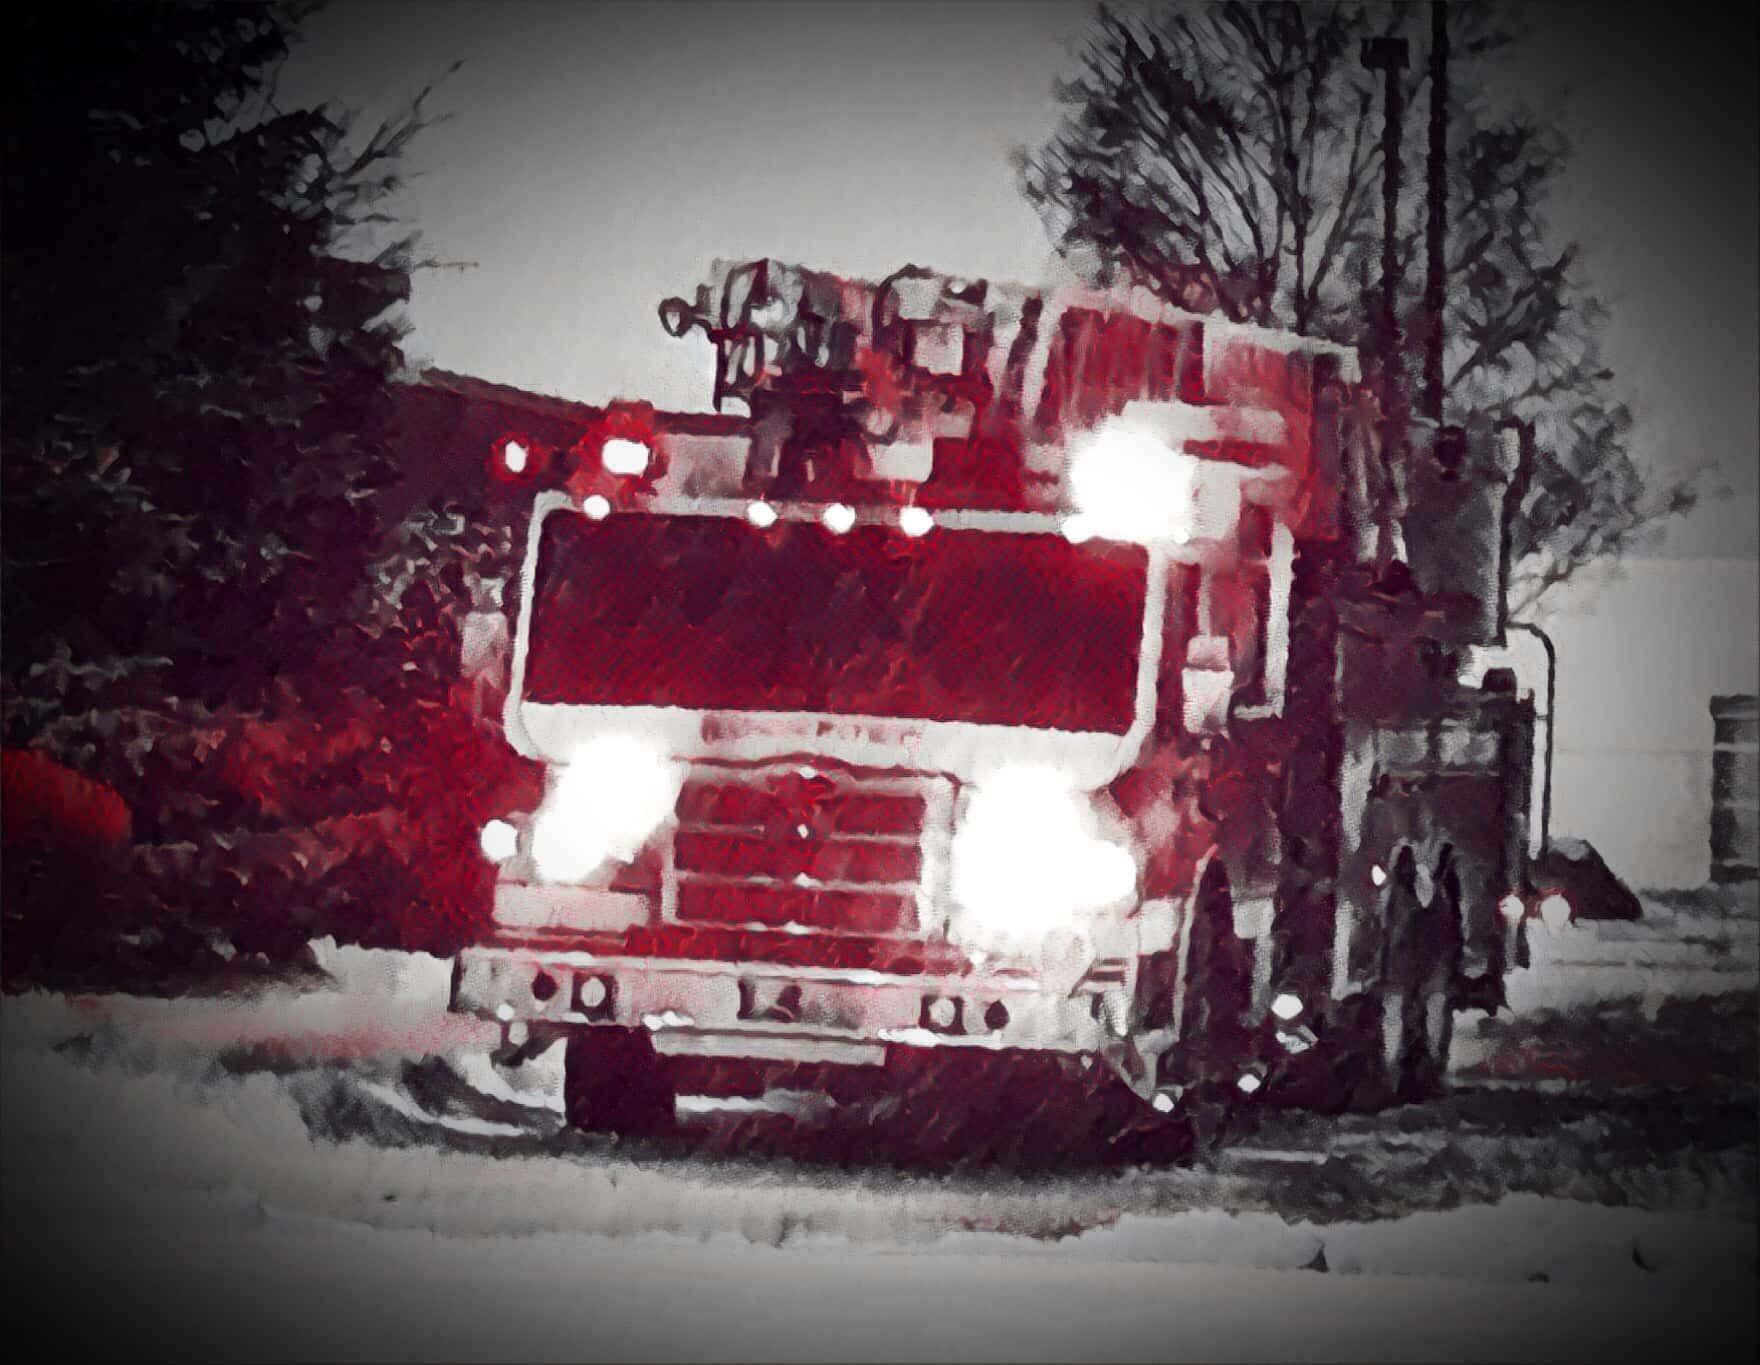 Fire Truck Fire Department Stock Photo